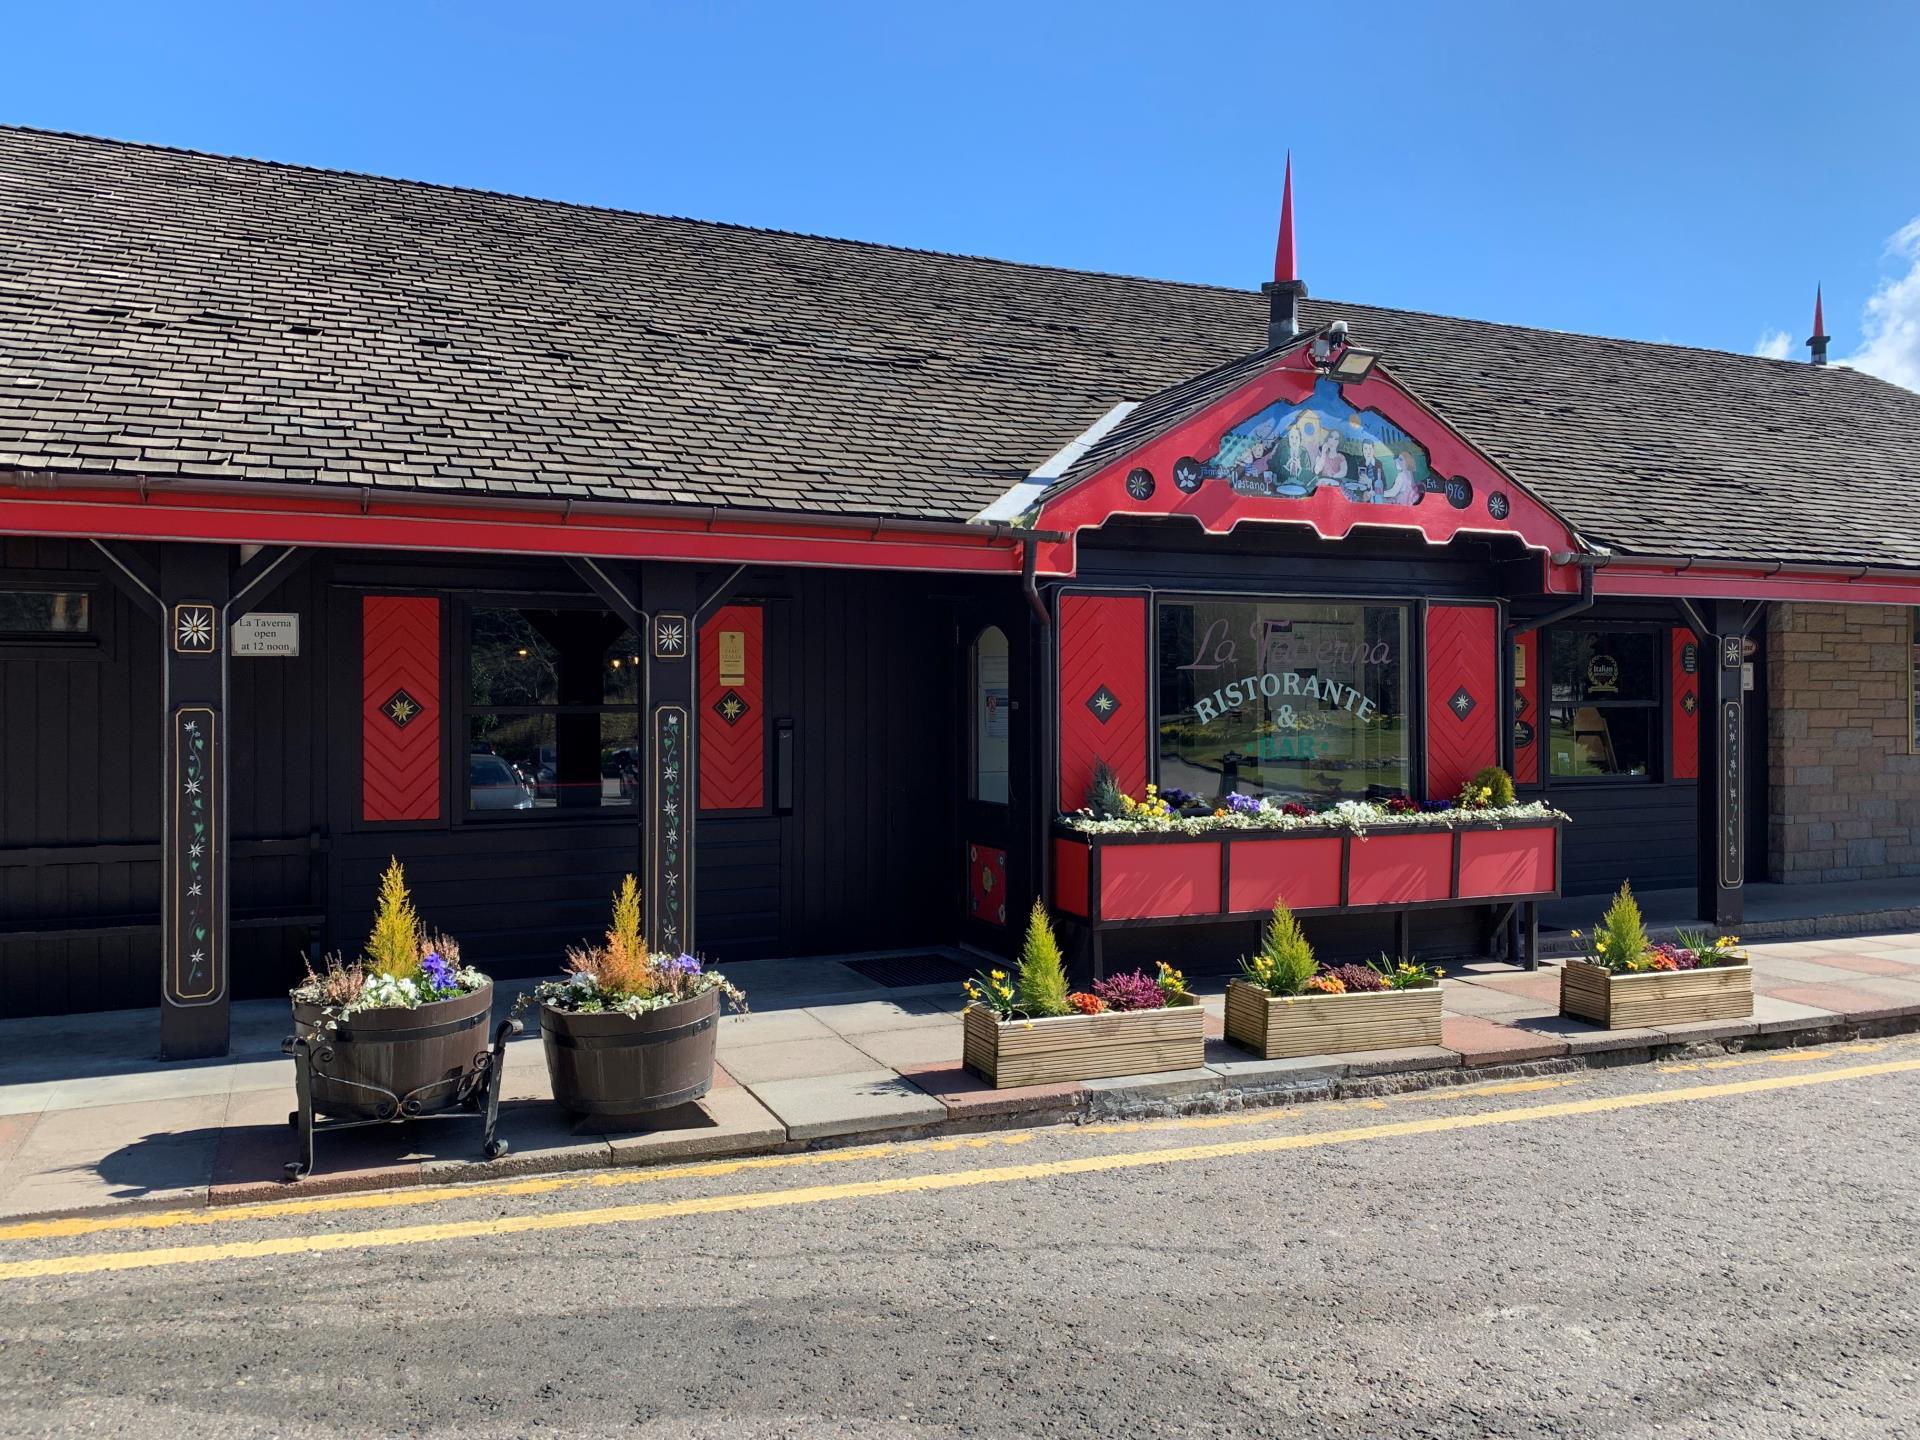 Taverna Aviemore